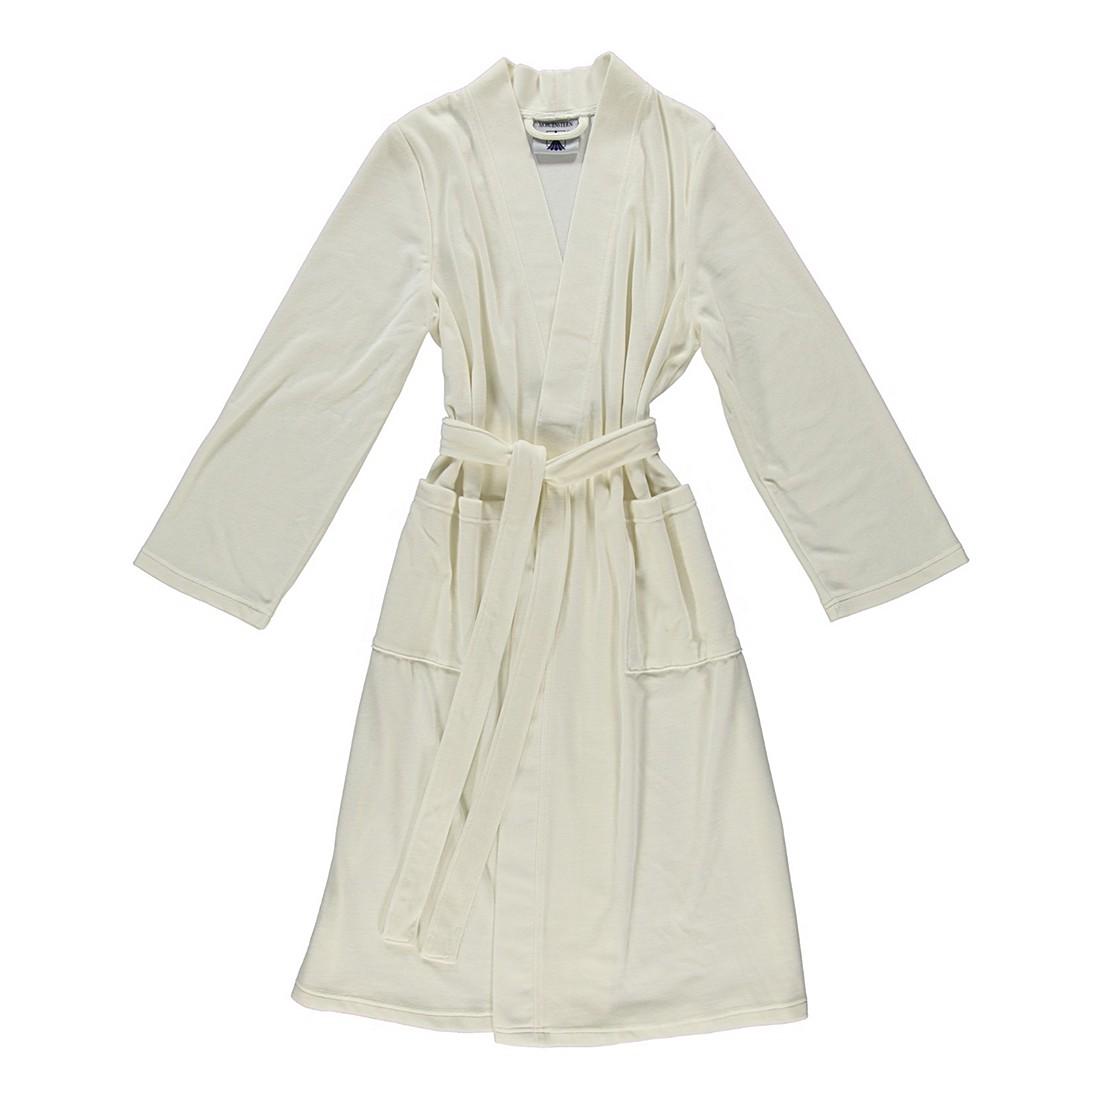 Bademantel Theresa – Damen – Nickivelours – 80% Baumwolle – 20% Polyester Creme – Größe: XL, Morgenstern günstig